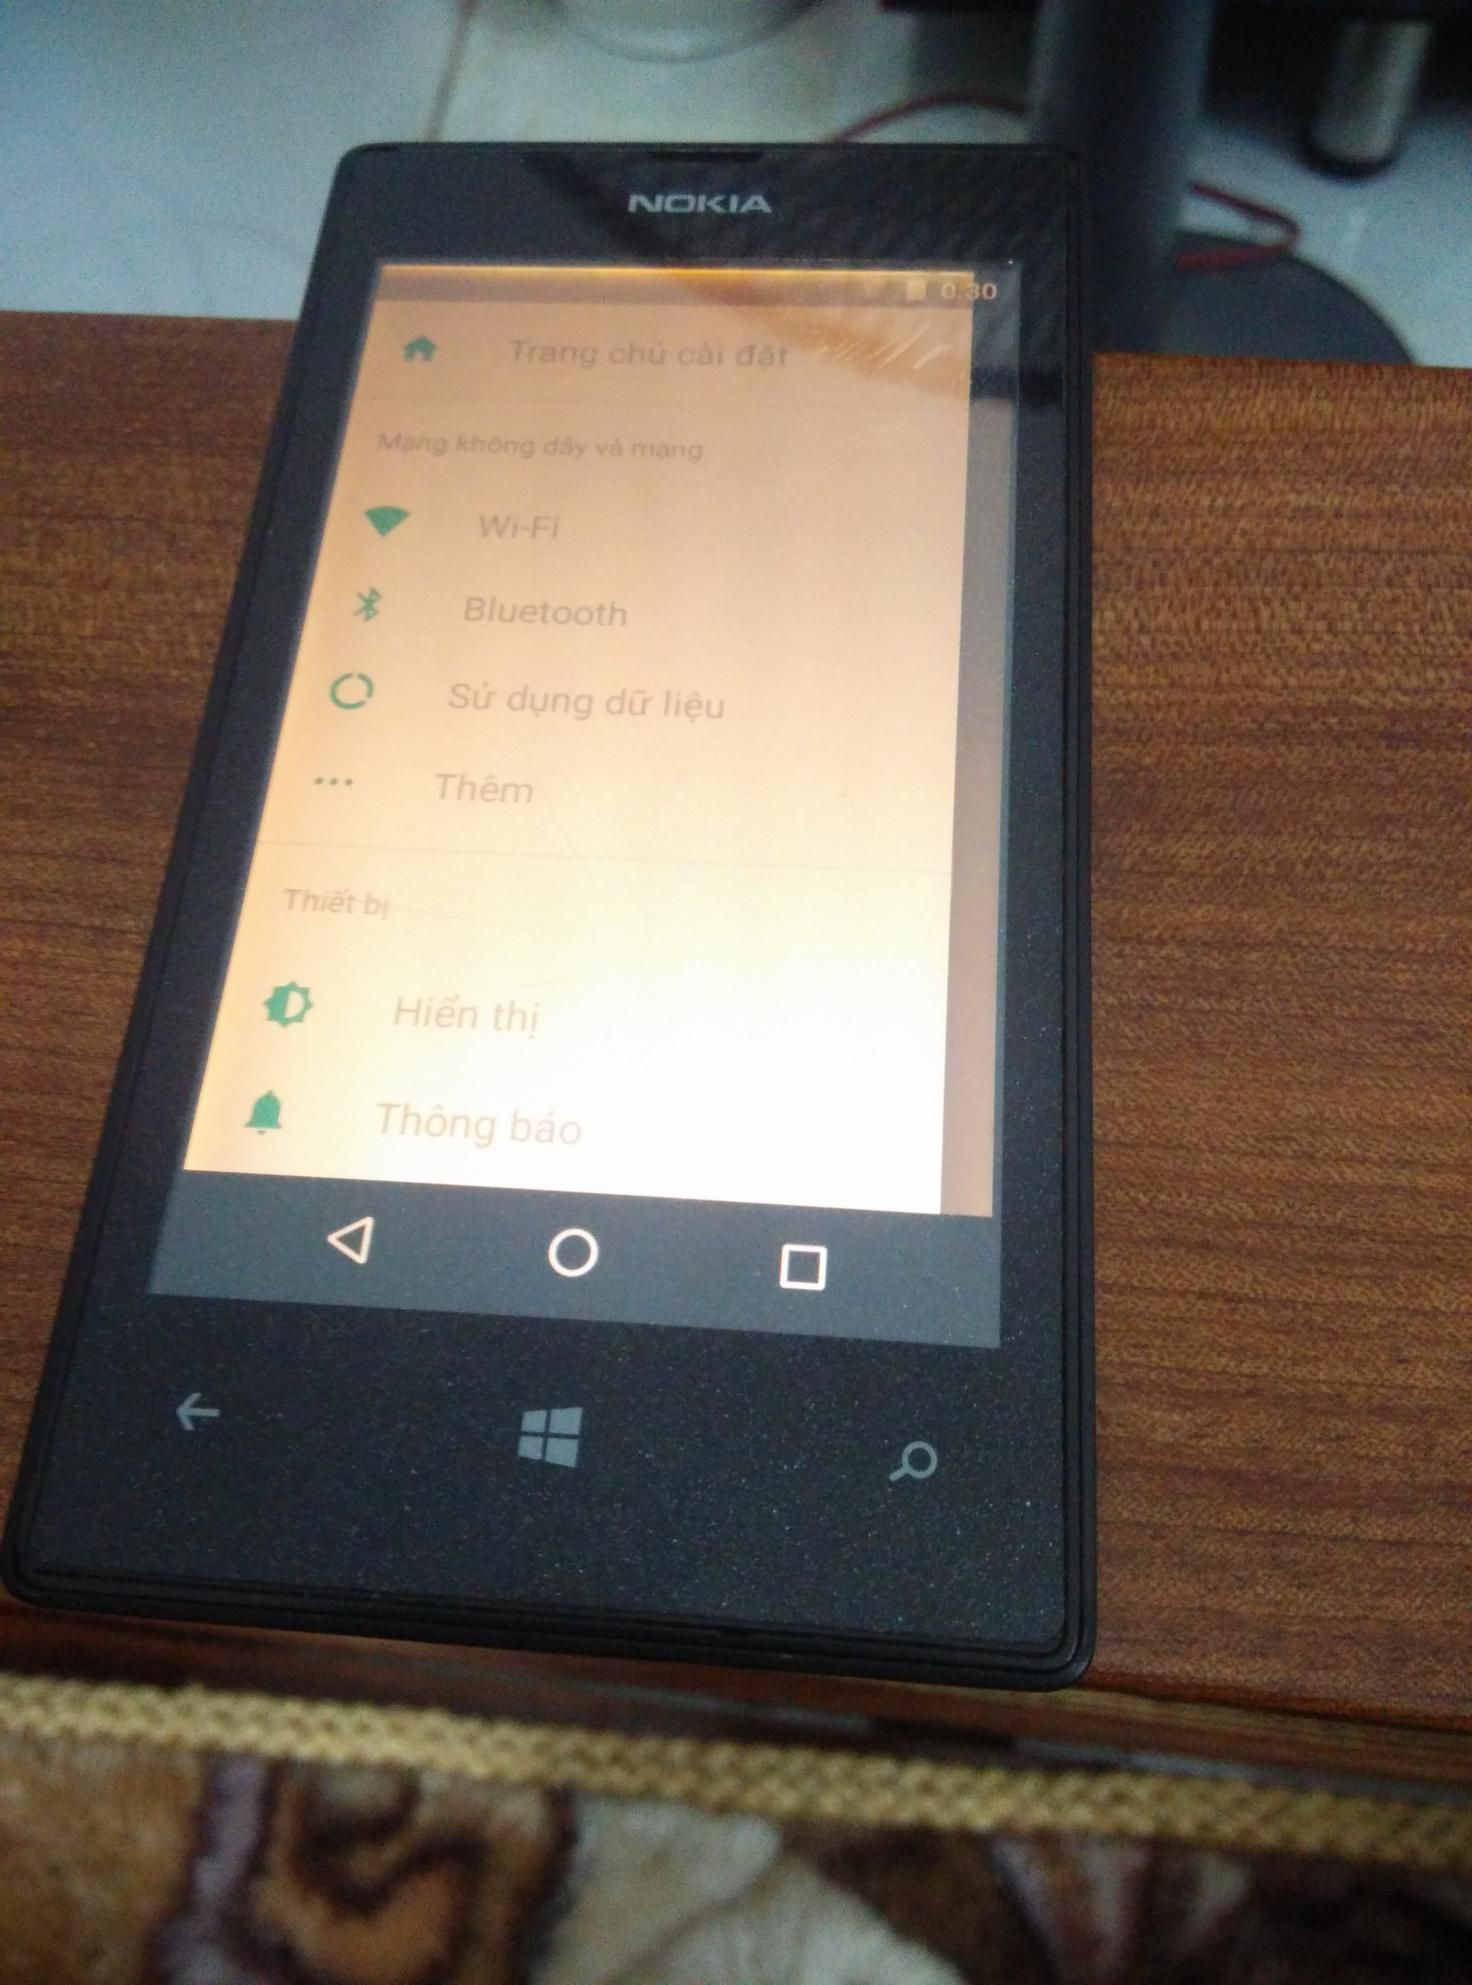 Nokia lumia 520 capaz de rodar android 71 nougat vdeo nokia lumia 520 capaz de rodar android 71 nougat vdeo tudocelular ccuart Choice Image